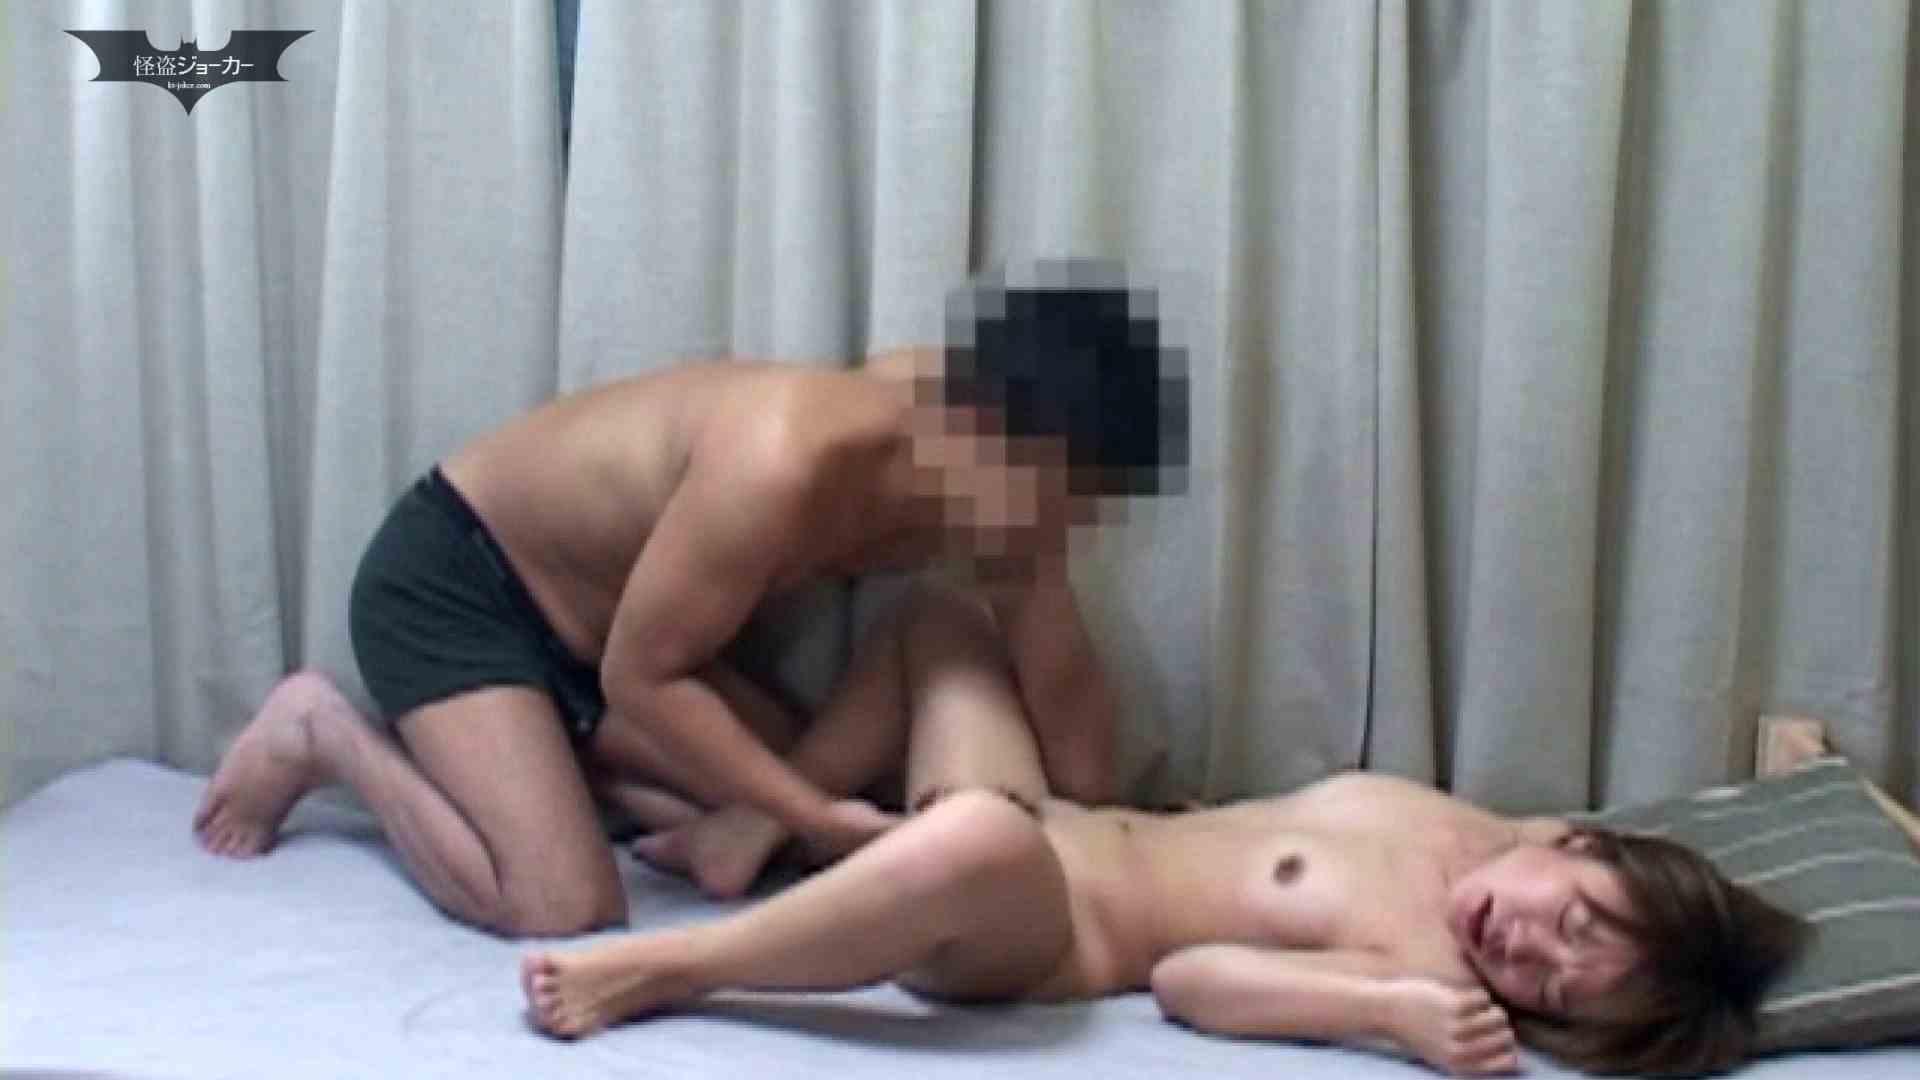 素人女良を部屋に連れ込み隠し撮りSEX!! その32 潮吹き女良 ひみか 素人 セックス画像 85pic 37